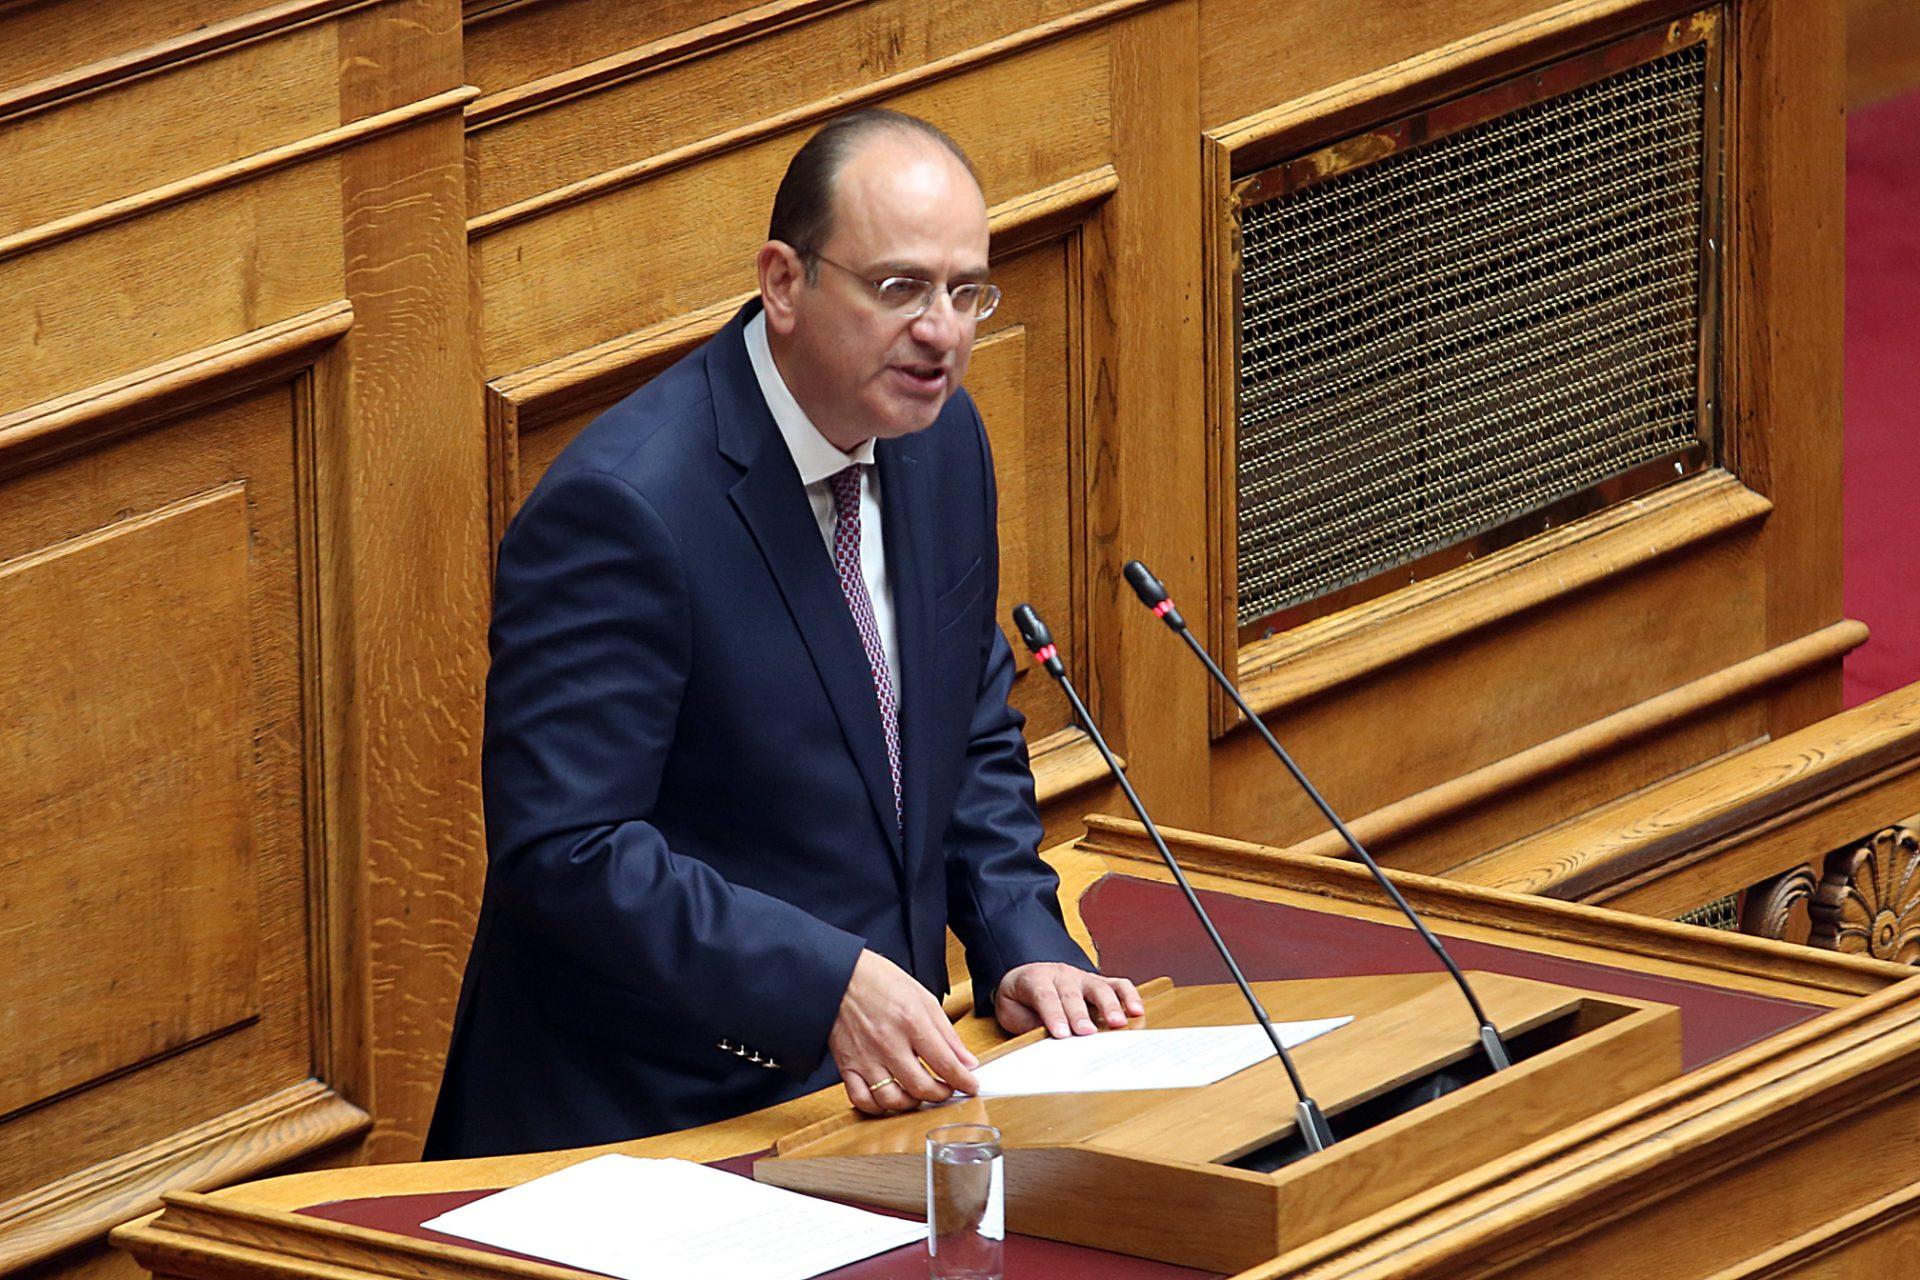 """Λαζαρίδης: """"Οι φωνές των εκνευρισμένων γειτόνων, απόδειξη ότι η Ελλάδα ισχυροποιείται αποφασιστικά"""""""